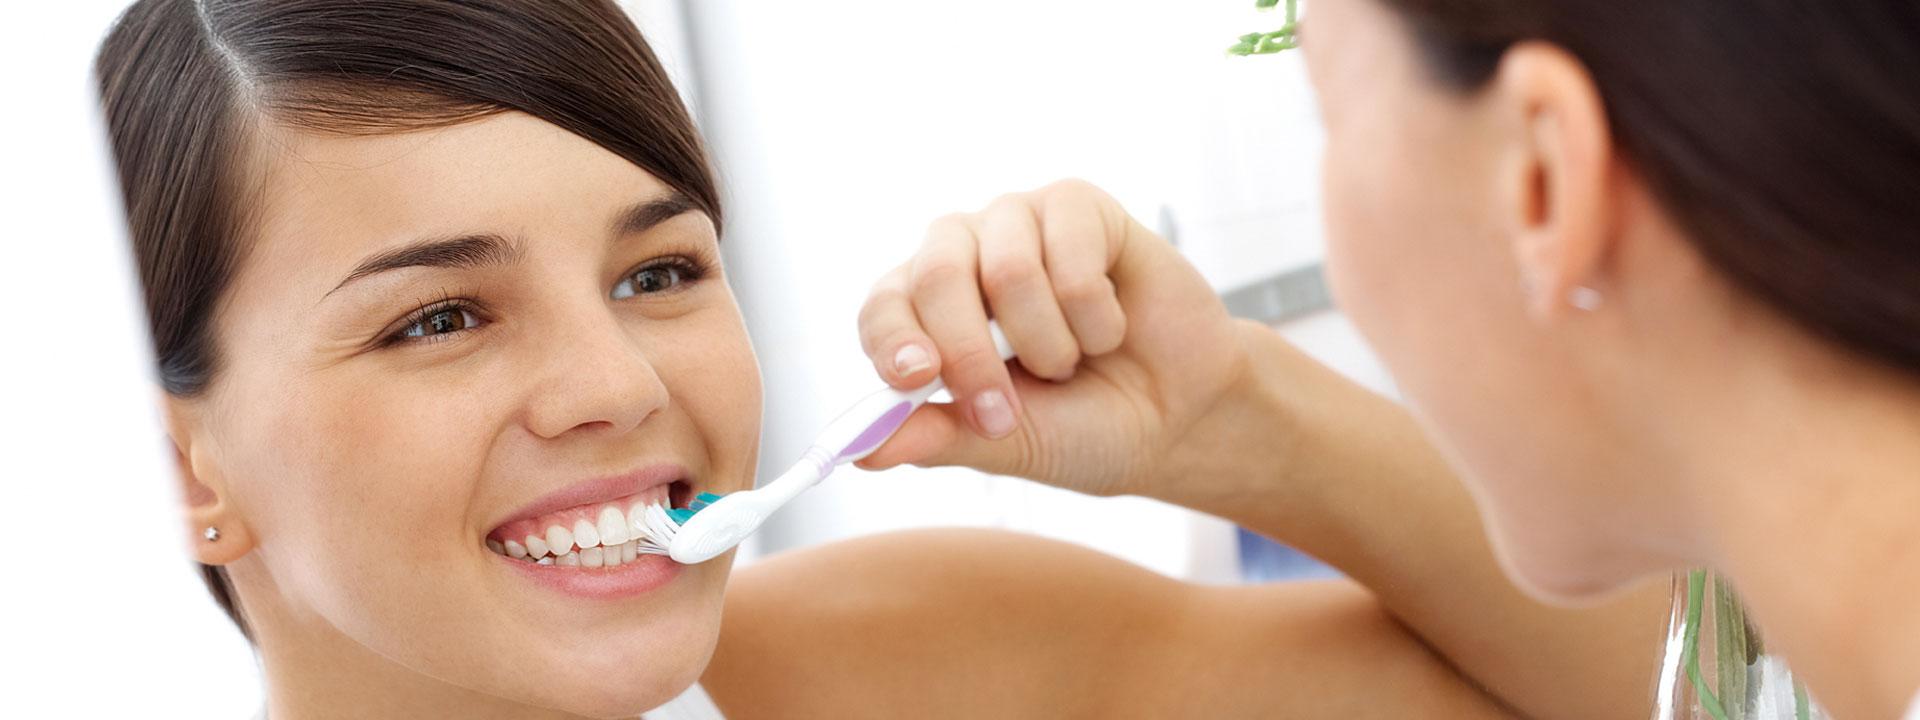 Educhiamo i ragazzi all'igiene orale